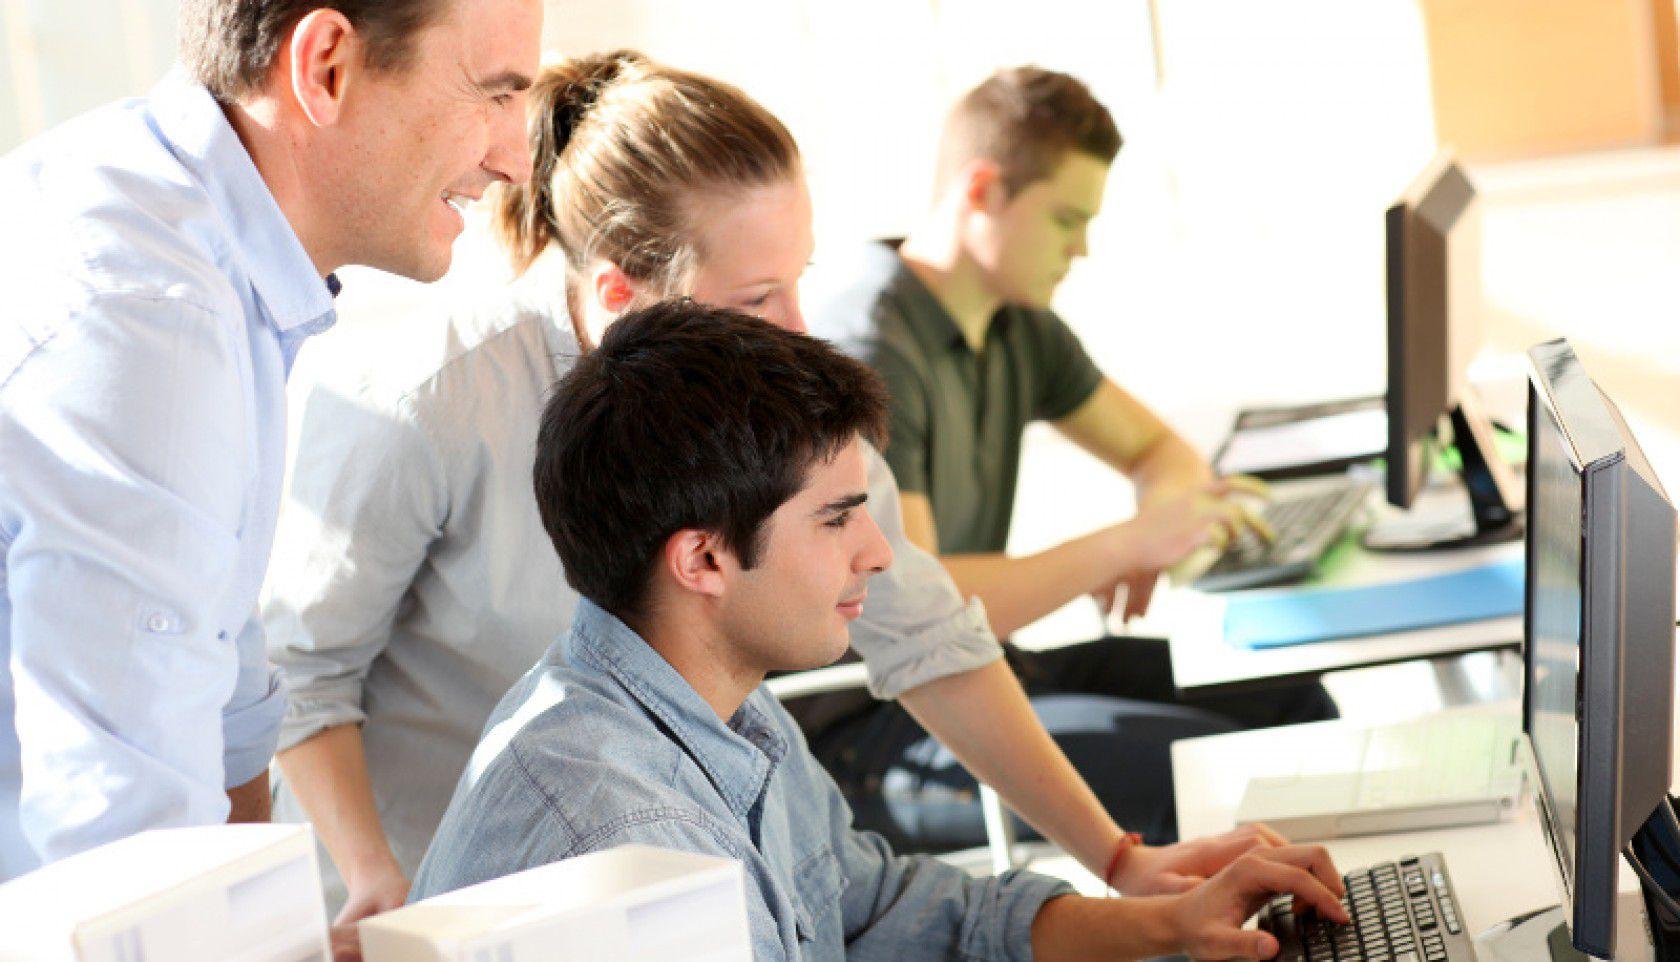 İtalya Lise Eğitim Programları Hakkında Eğitimci Görüşleri Nelerdir?